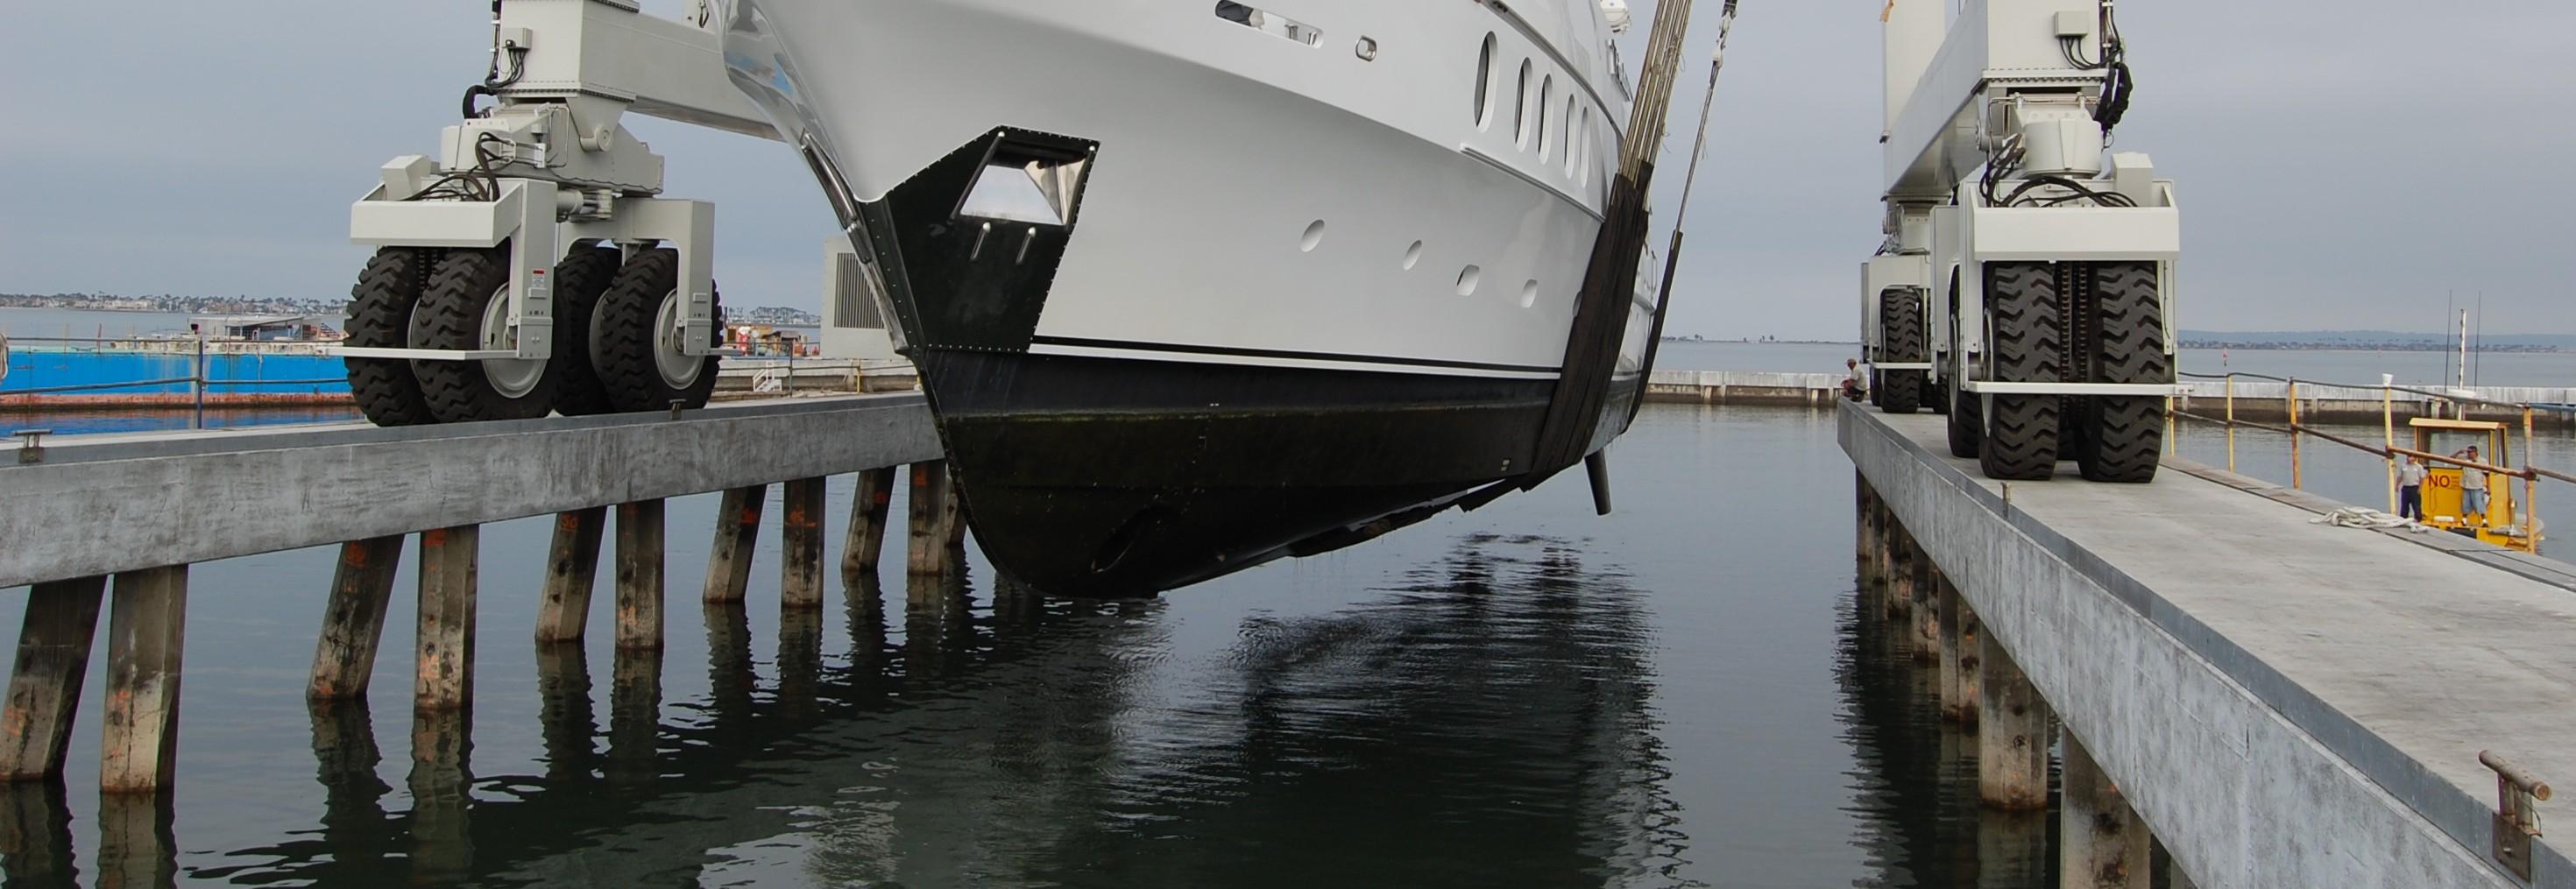 Boat Hoist 01